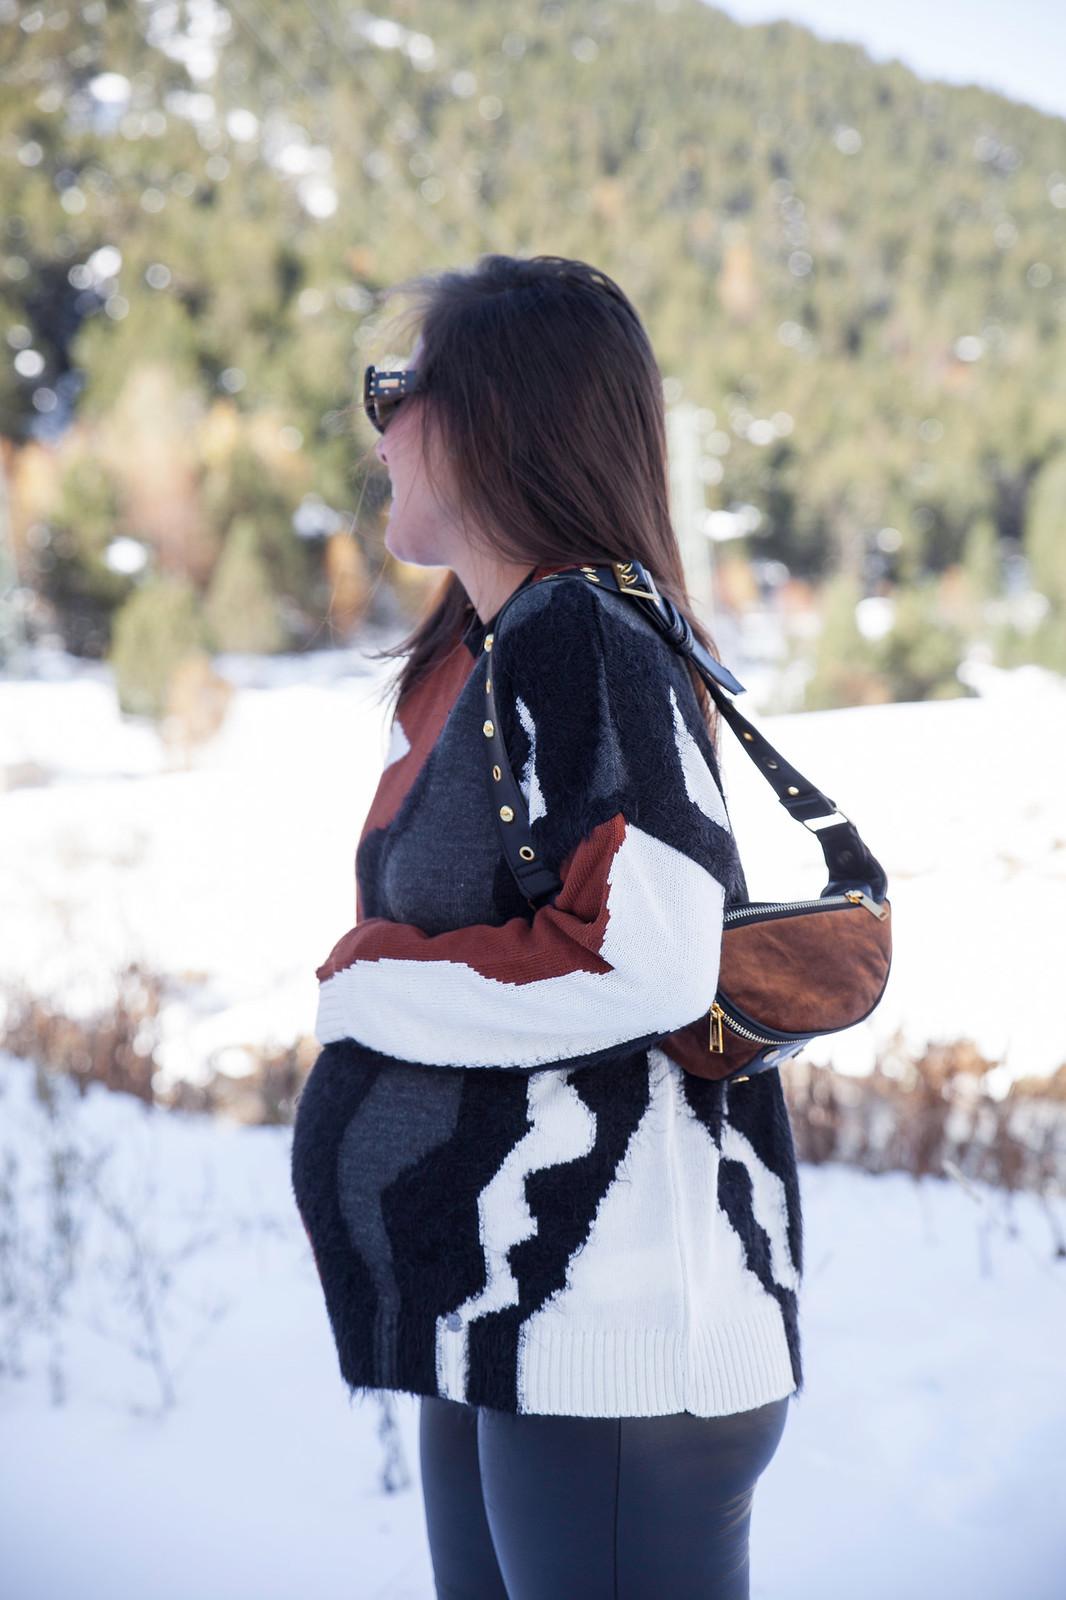 06_combinar_jersey_marron_outfit_nieve_embarazada_theguestgirl_embarazo_33semanas_pregnant_style_influencer_barcelona_nueva_colecccion_ruga_portugal